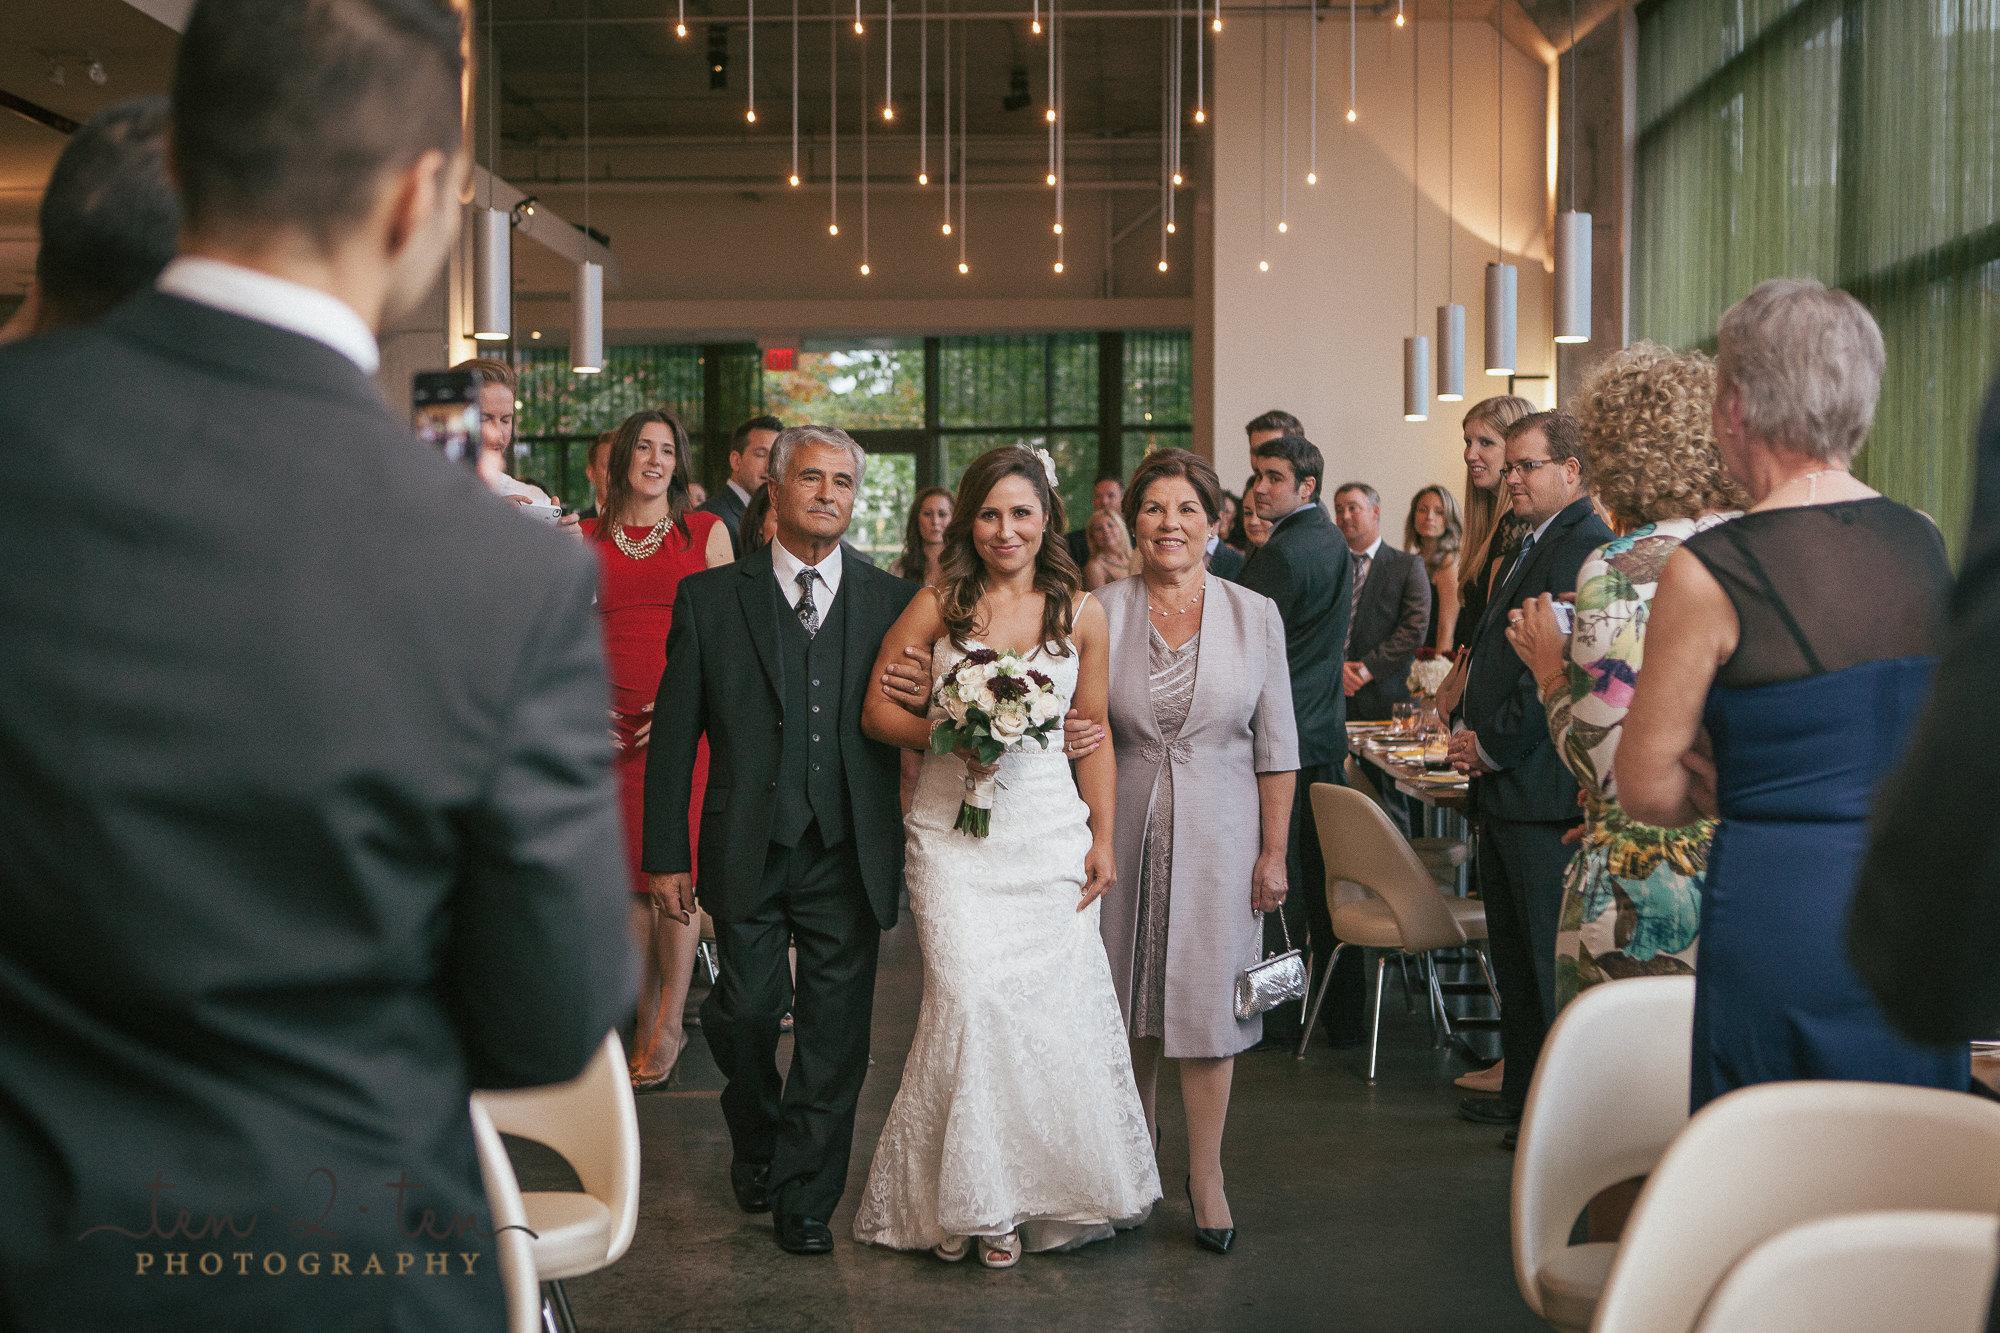 mildreds temple kitchen wedding photos 328 - Mildred's Temple Kitchen Wedding Photos